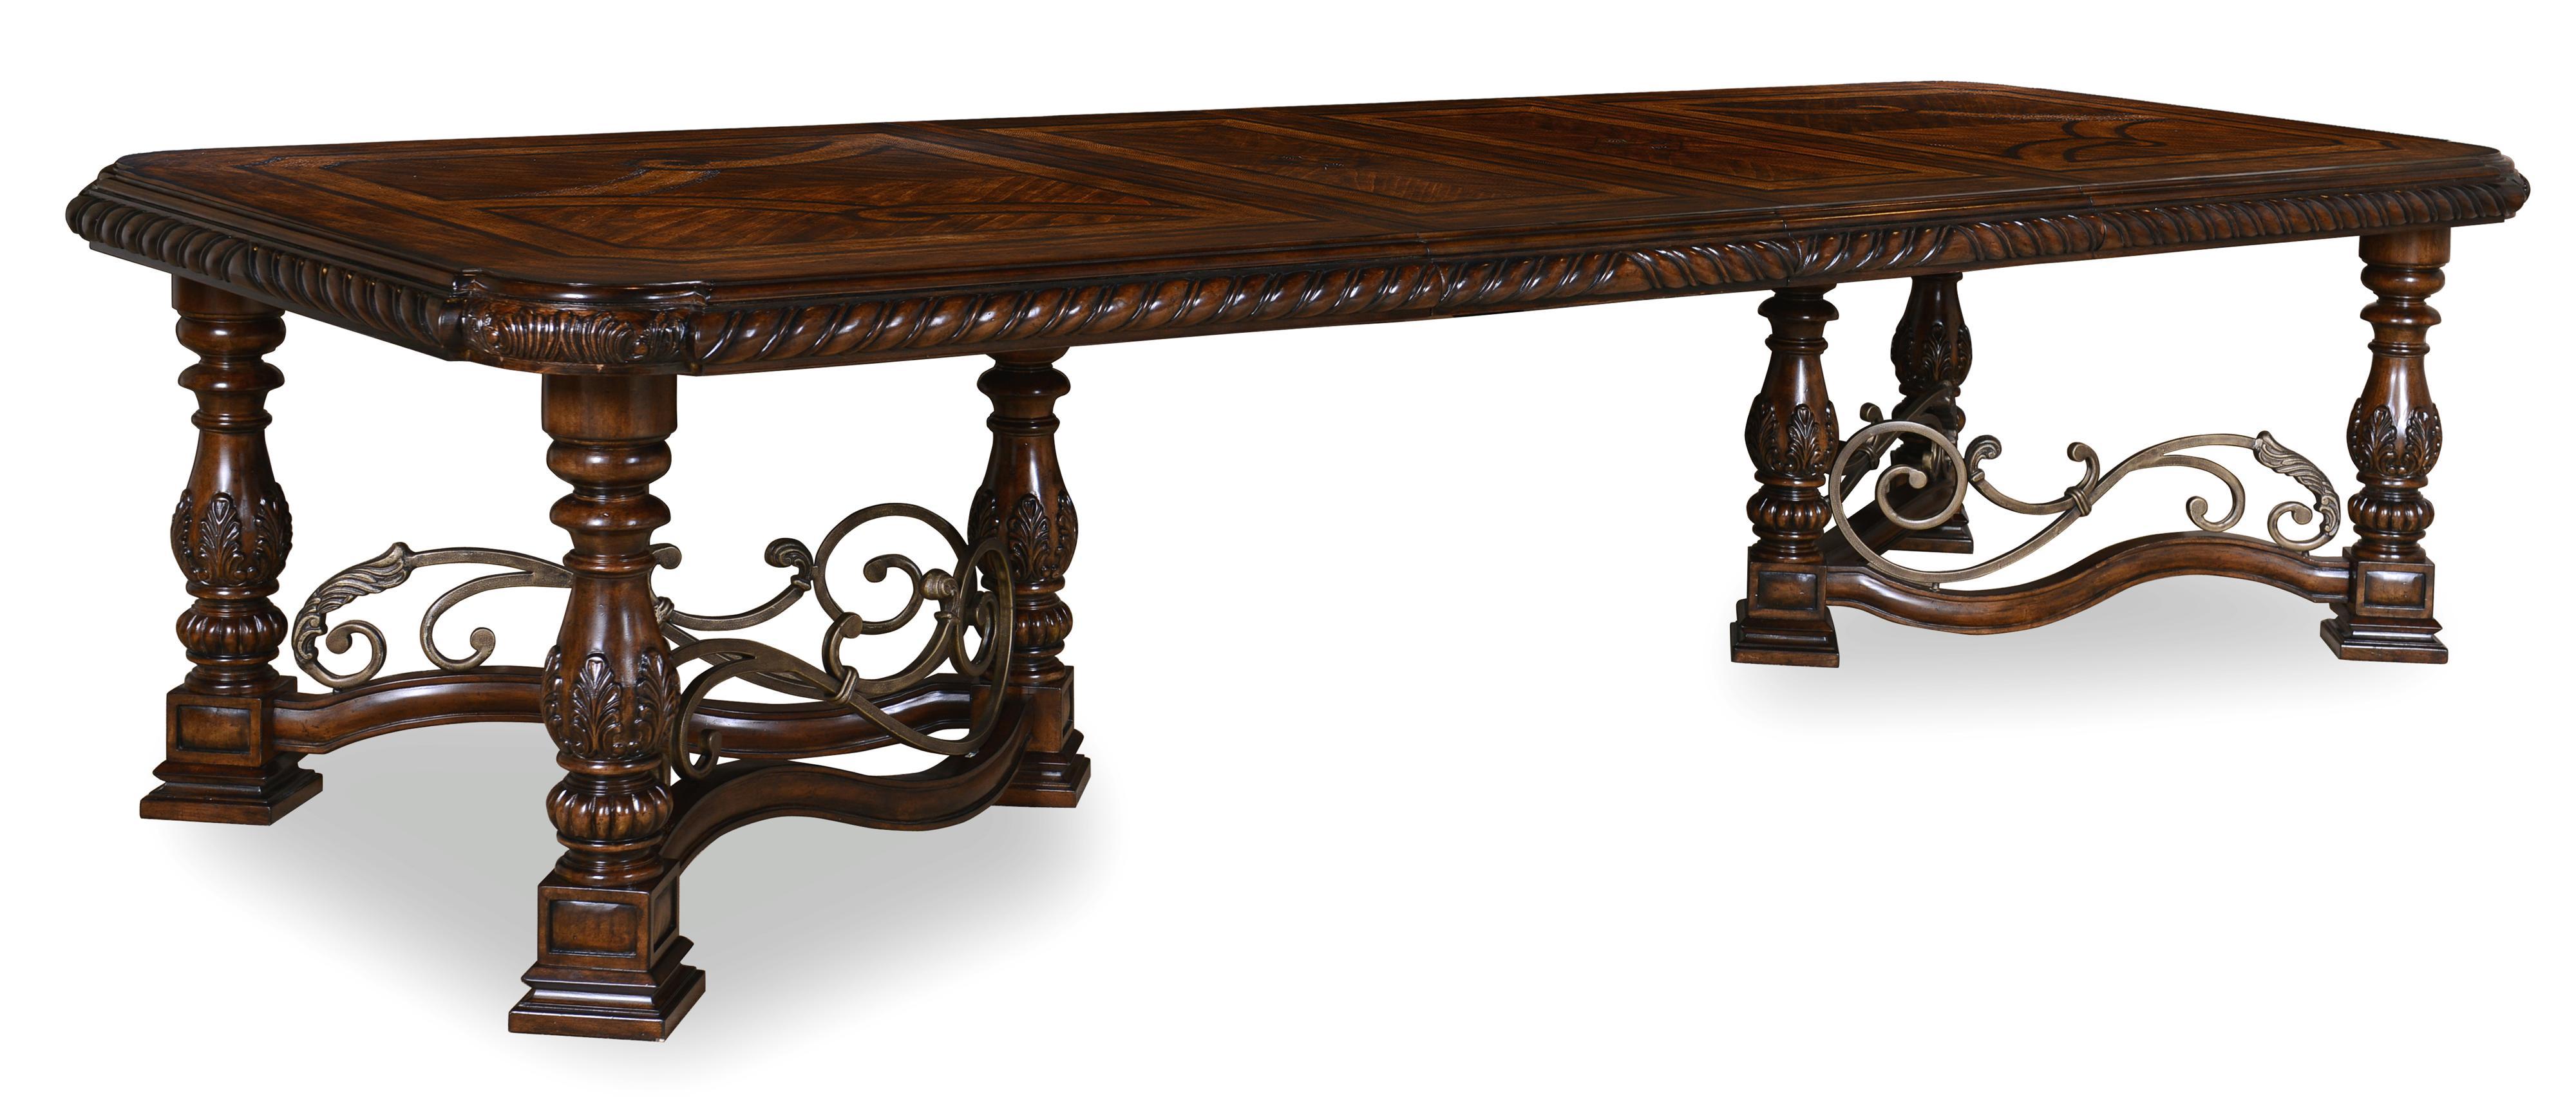 Belfort Signature Cortona Trestle Dining Table - Item Number: 209221-2304